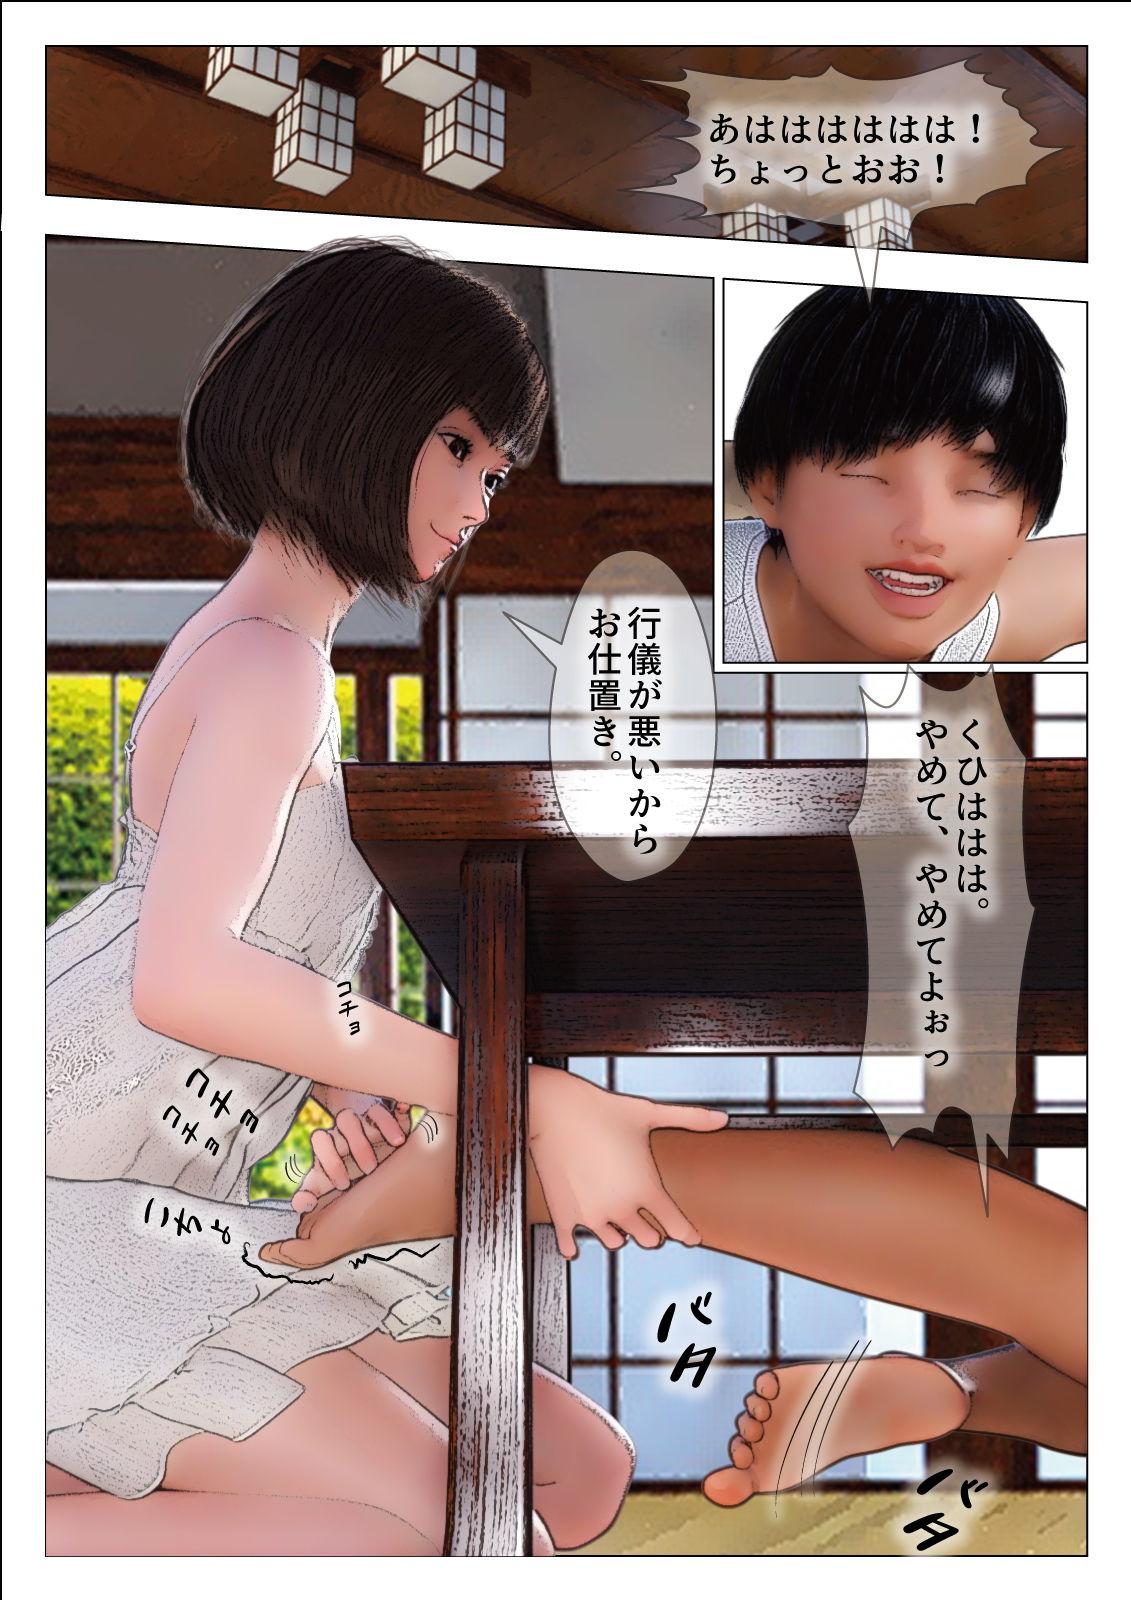 おねえちゃんとぼく 1&2お得パック エロ画像